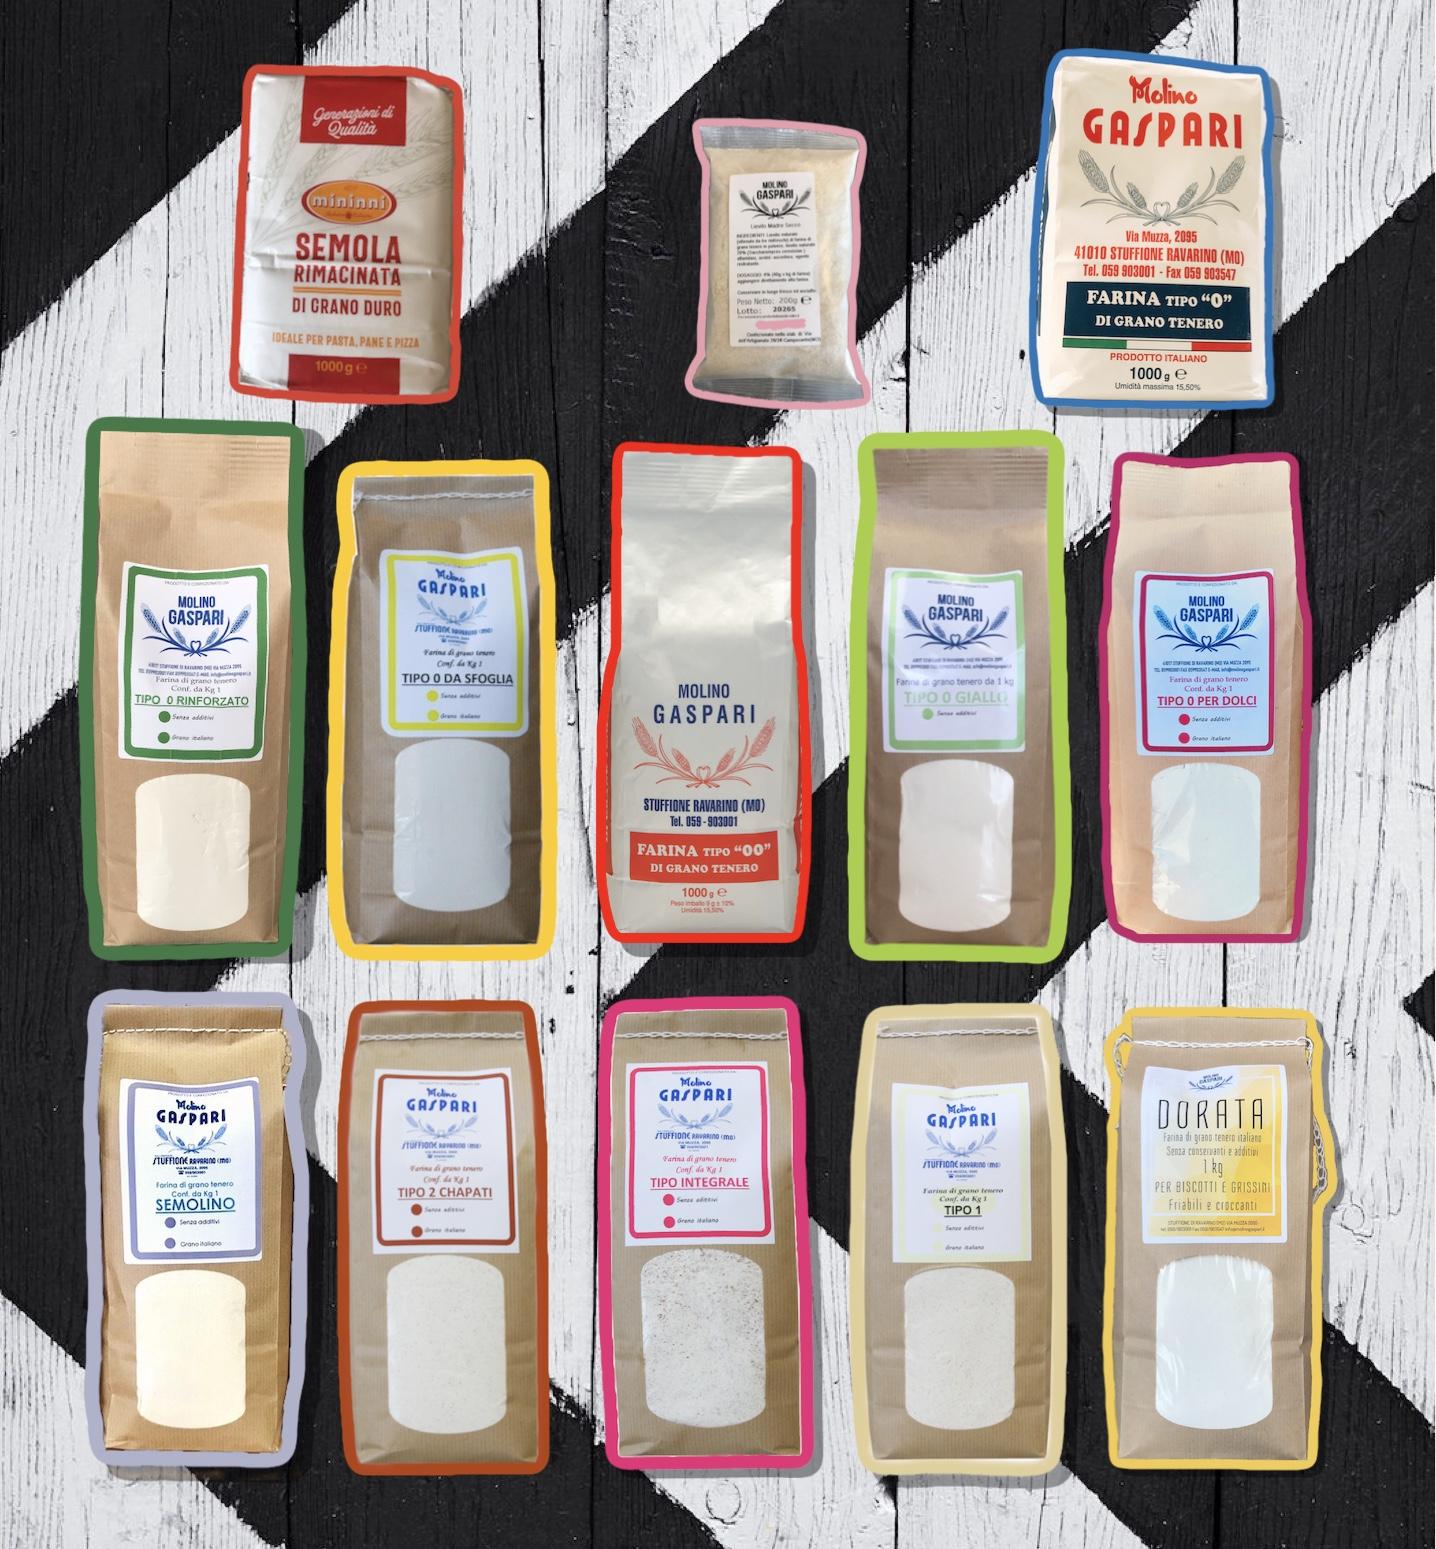 Box 2 di prova farine e lievito - Spedizione compresa